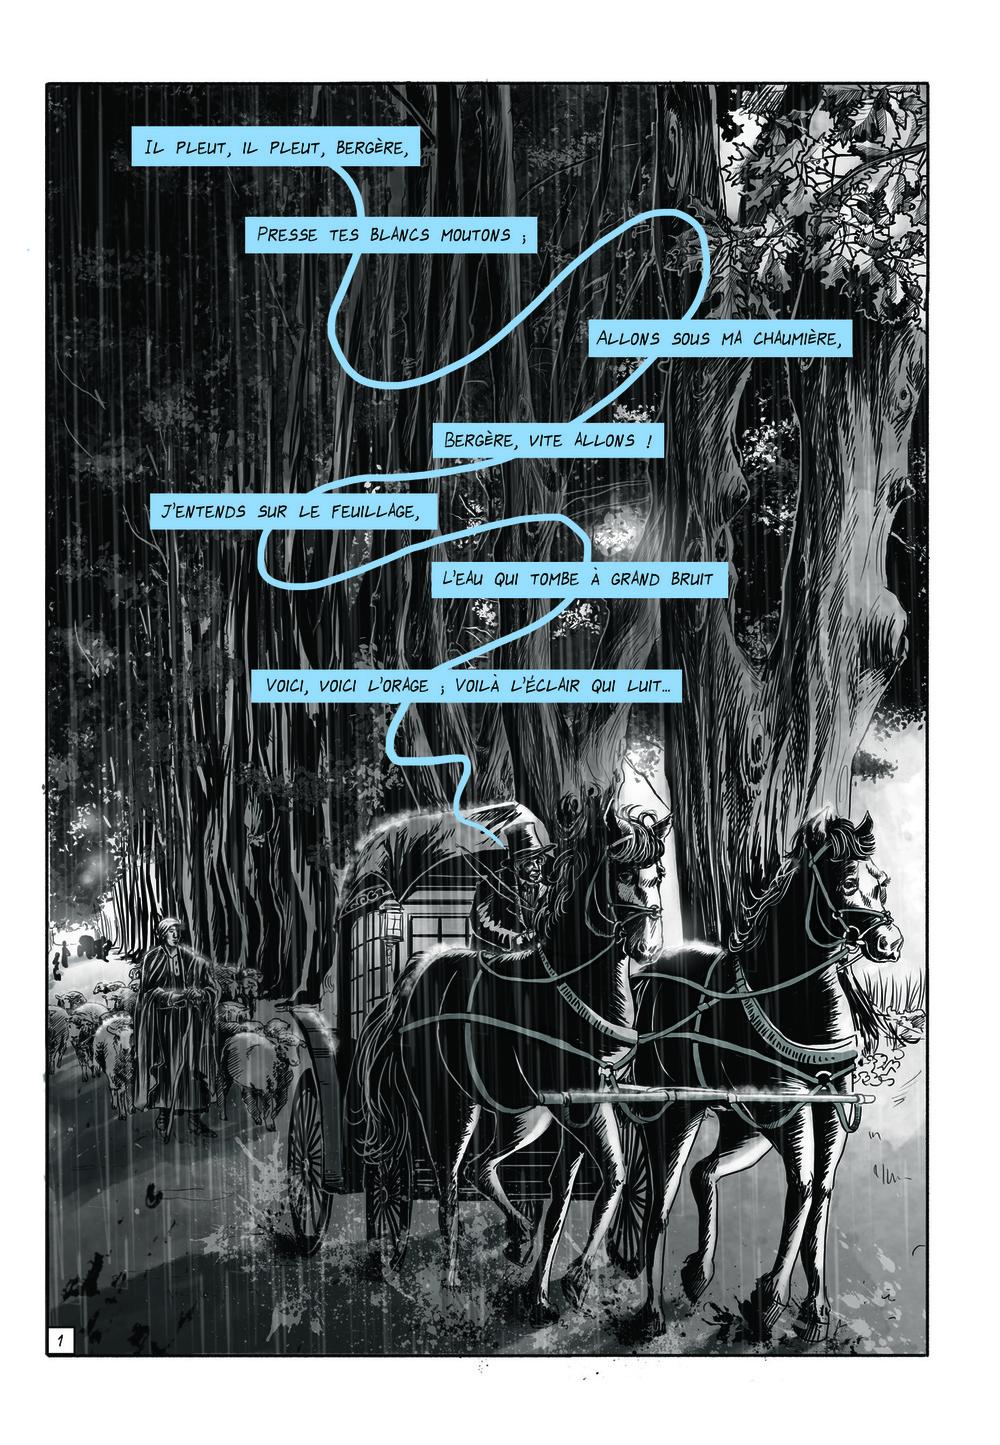 Aurélie Betsch Illustrations - Planche 1, Les dieux ont soif